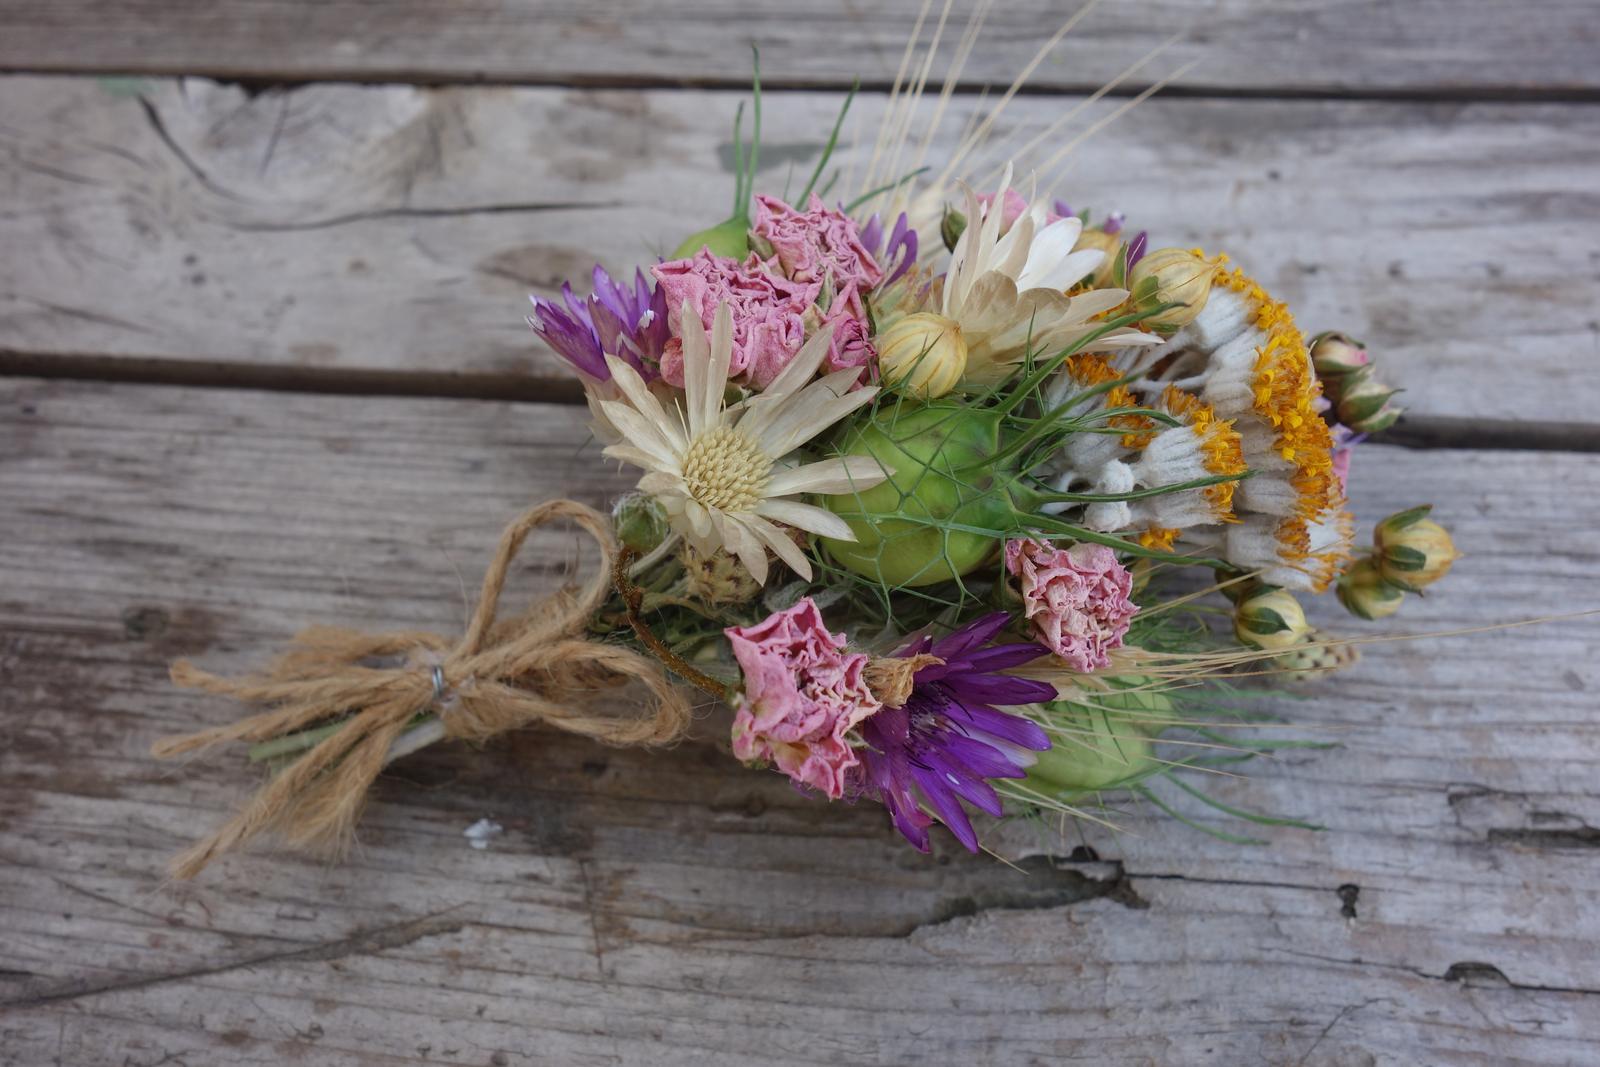 Svadobné kytice zo sušených kvetov - Obrázok č. 4